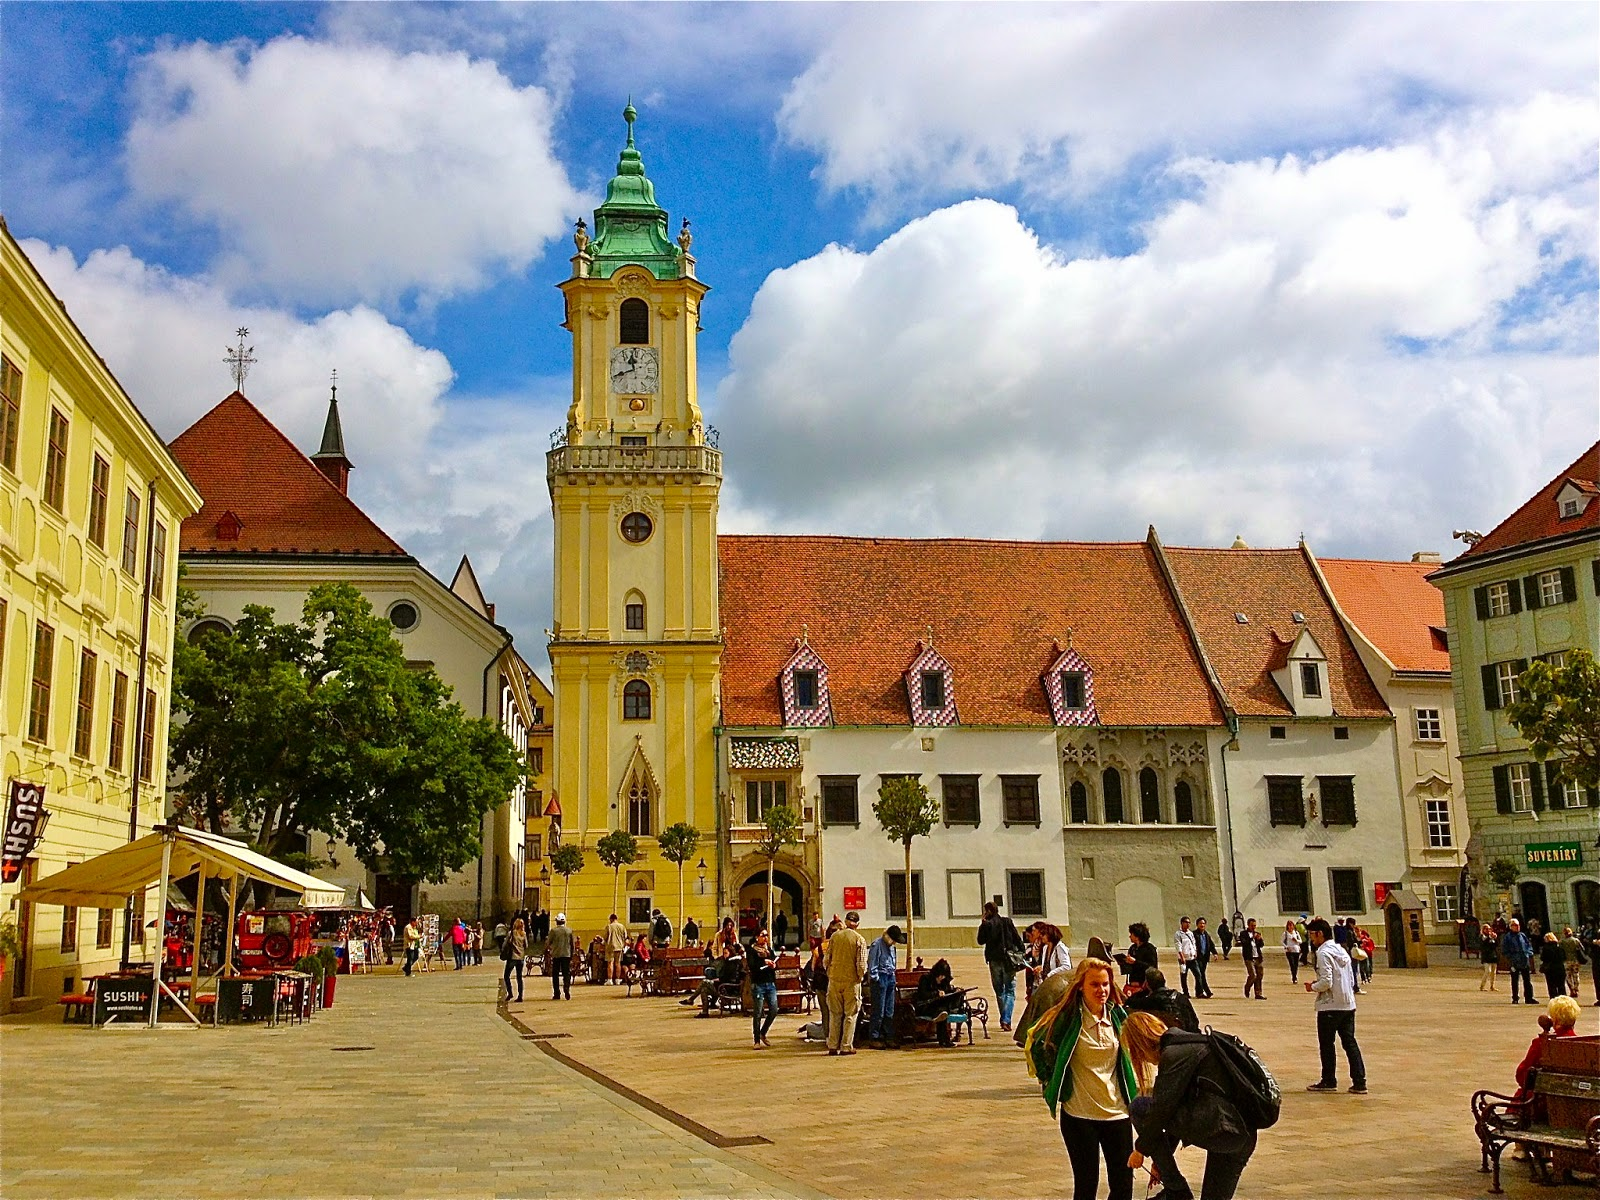 Picture of the Main Square in Bratislava, Slovakia.